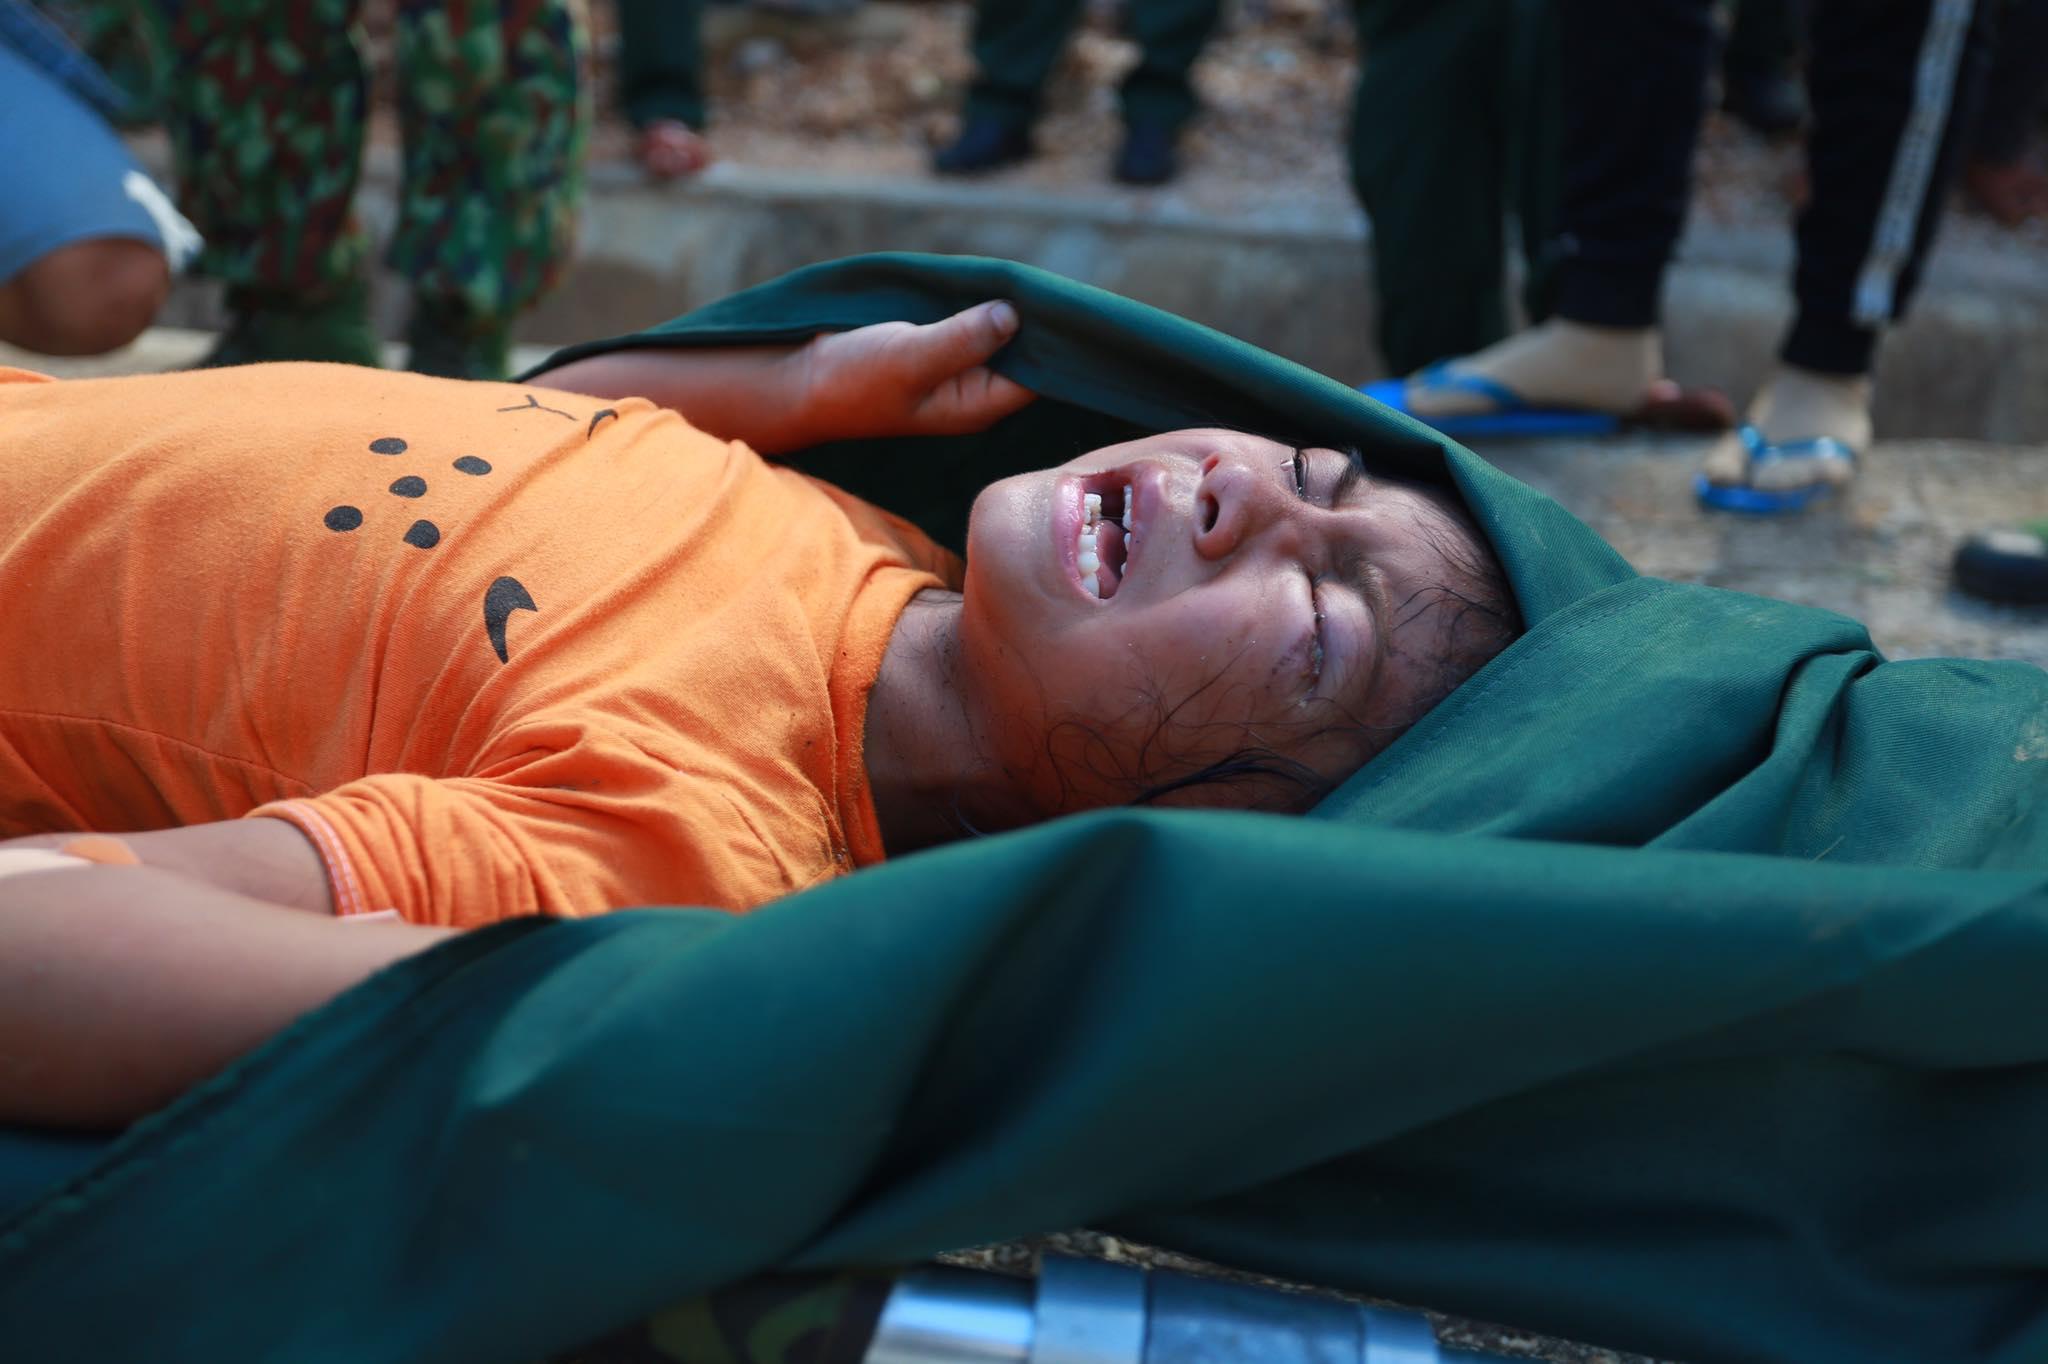 Ảnh cập nhật nóng từ hiện trường ở Trà Leng: 33 nạn nhân được đưa ra Quốc lộ bằng võng để cứu hộ y tế - Ảnh 6.